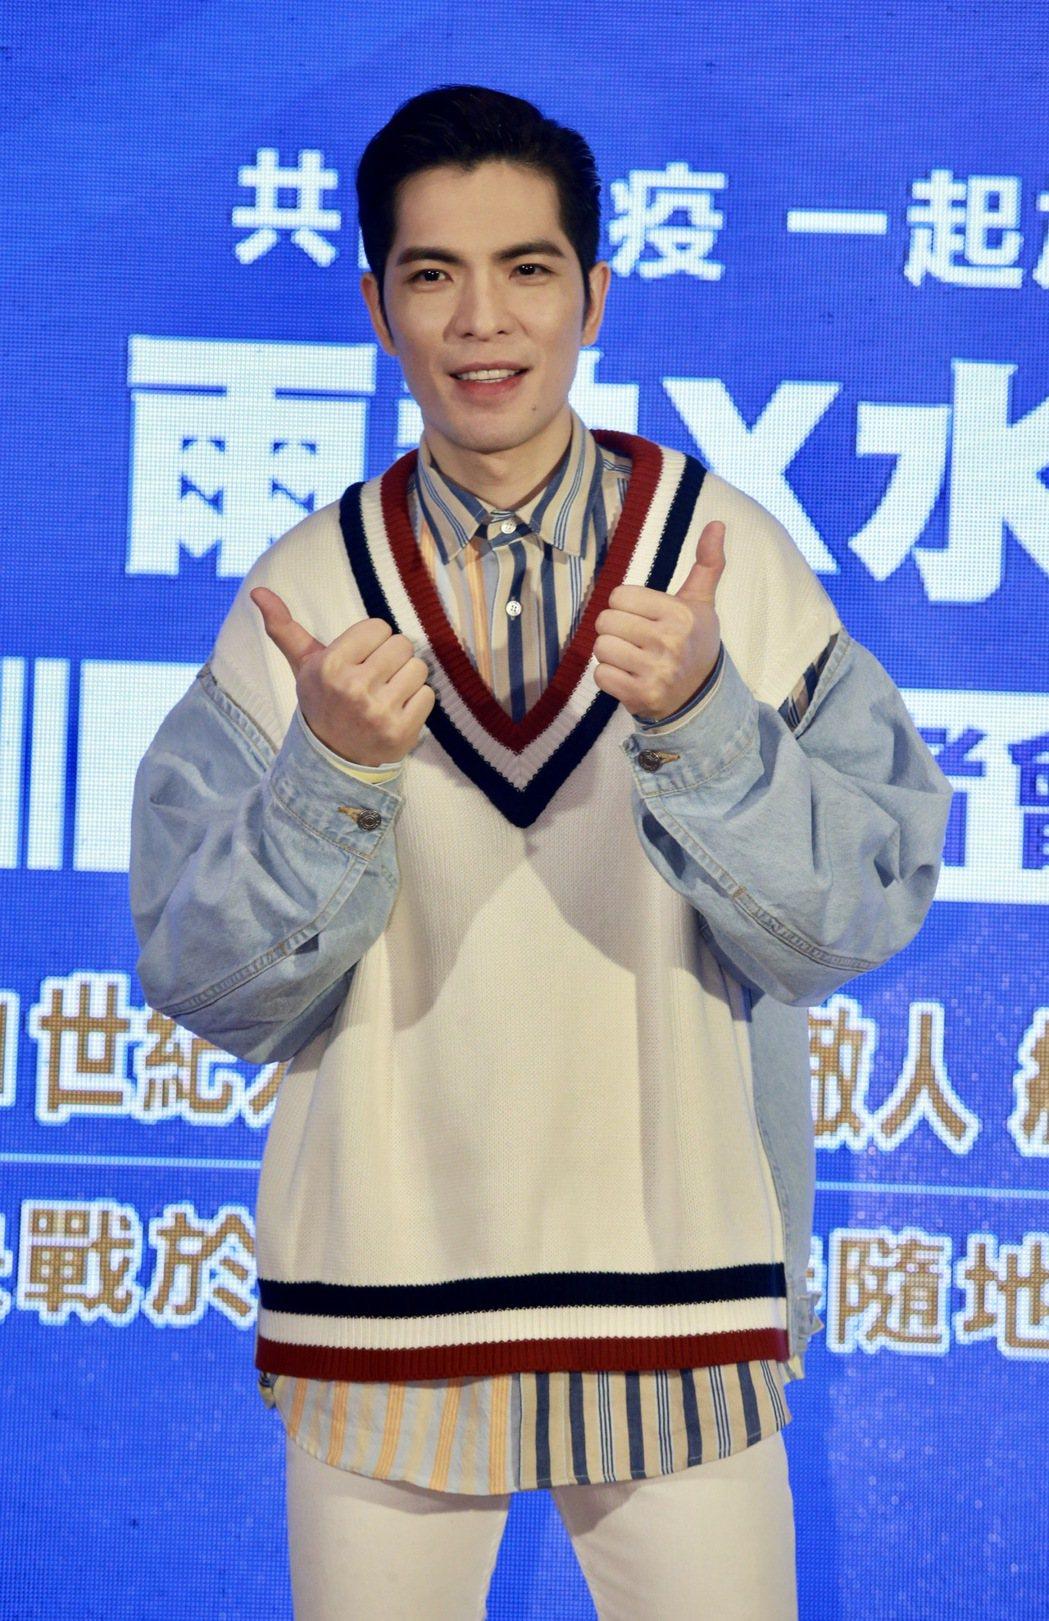 藝人蕭敬騰出席水神公益活動宣傳防疫。記者黃義書/攝影